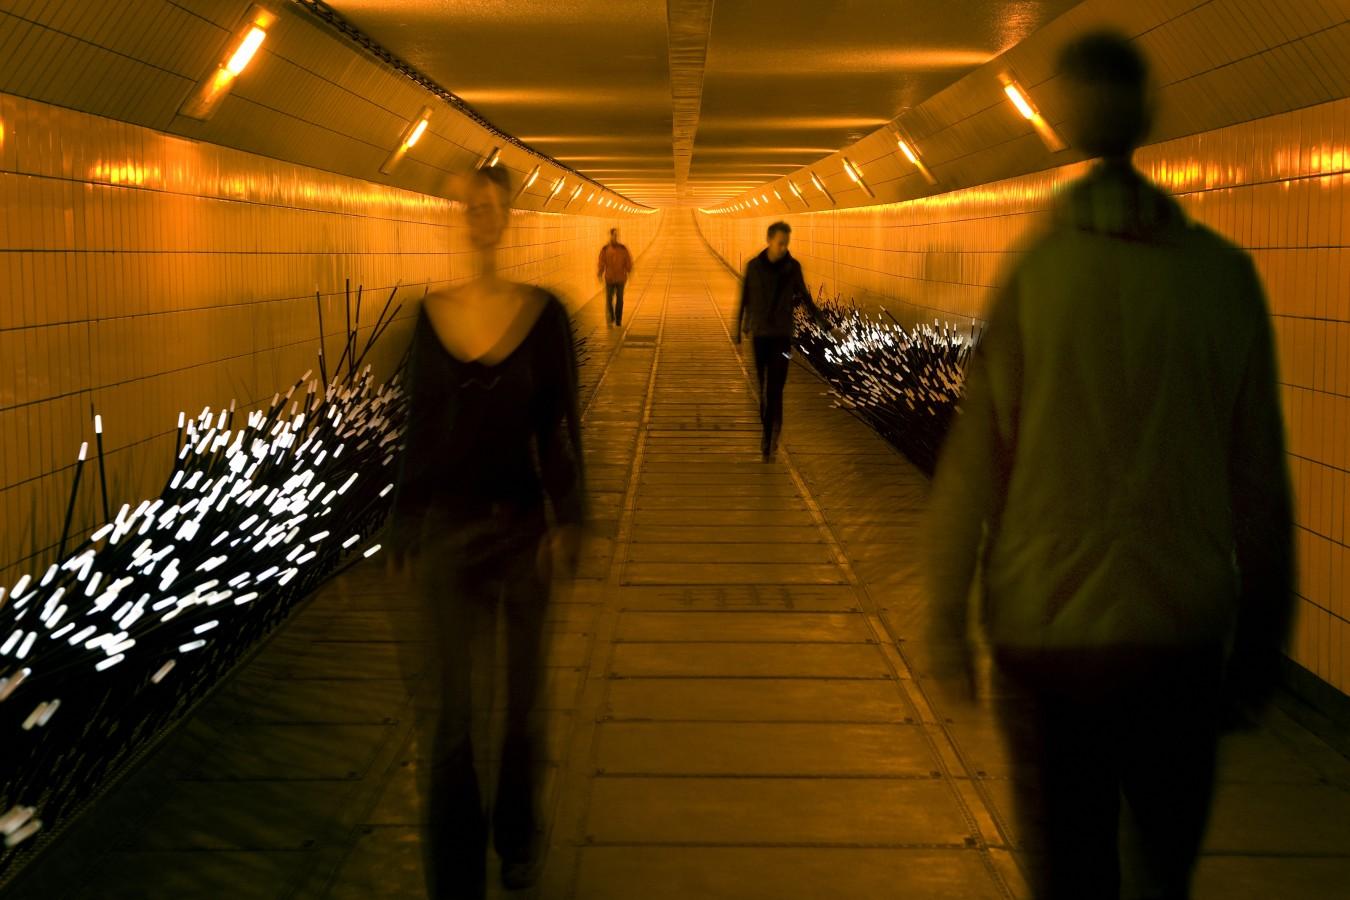 پله های موزیکال یک طراحی خلاقانه،معماری منظر،المان های شهری